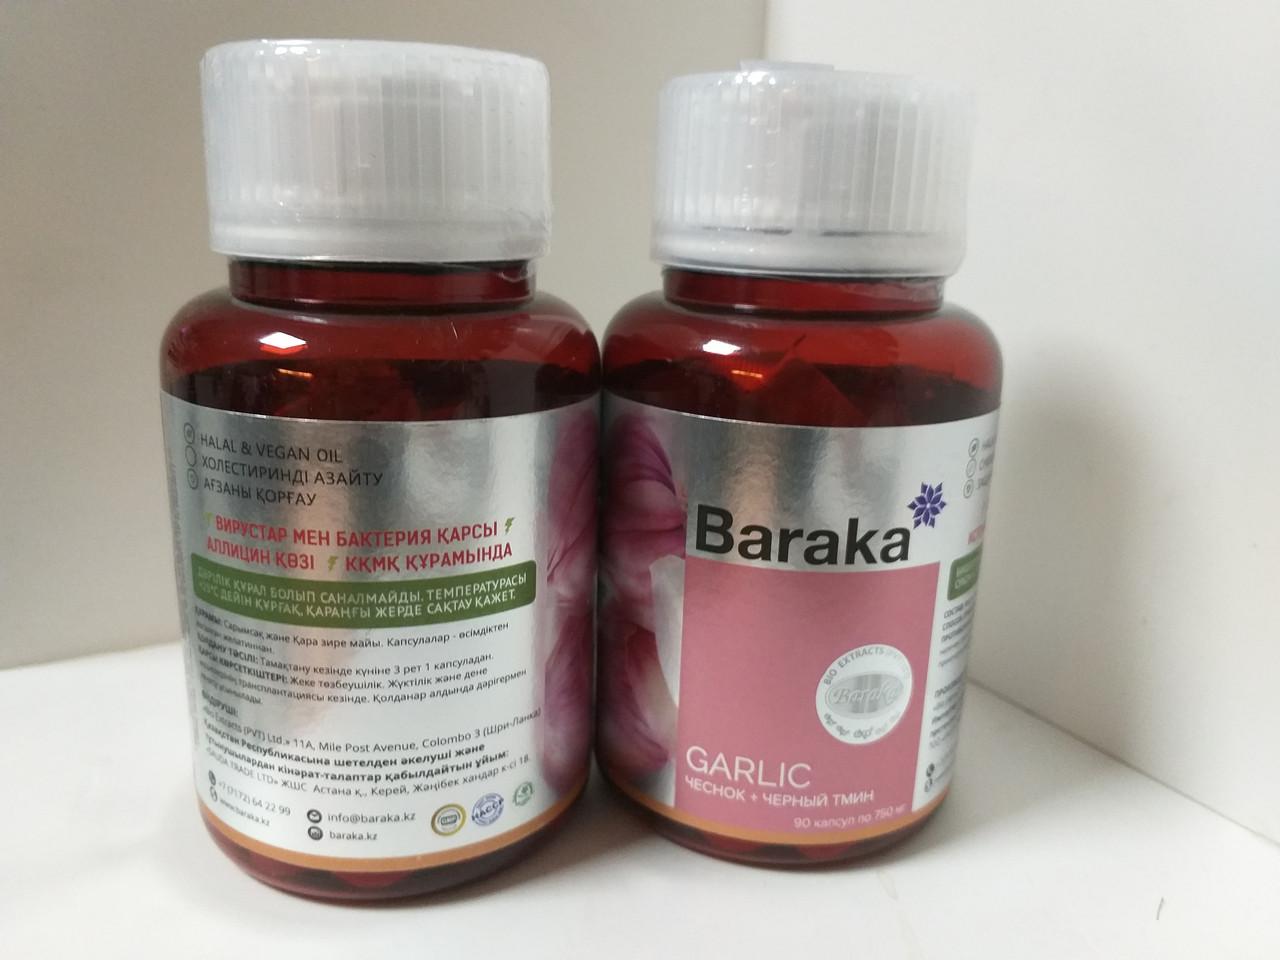 Garlik, масло черного тмина и масло чеснока, Барака, 90 капсул